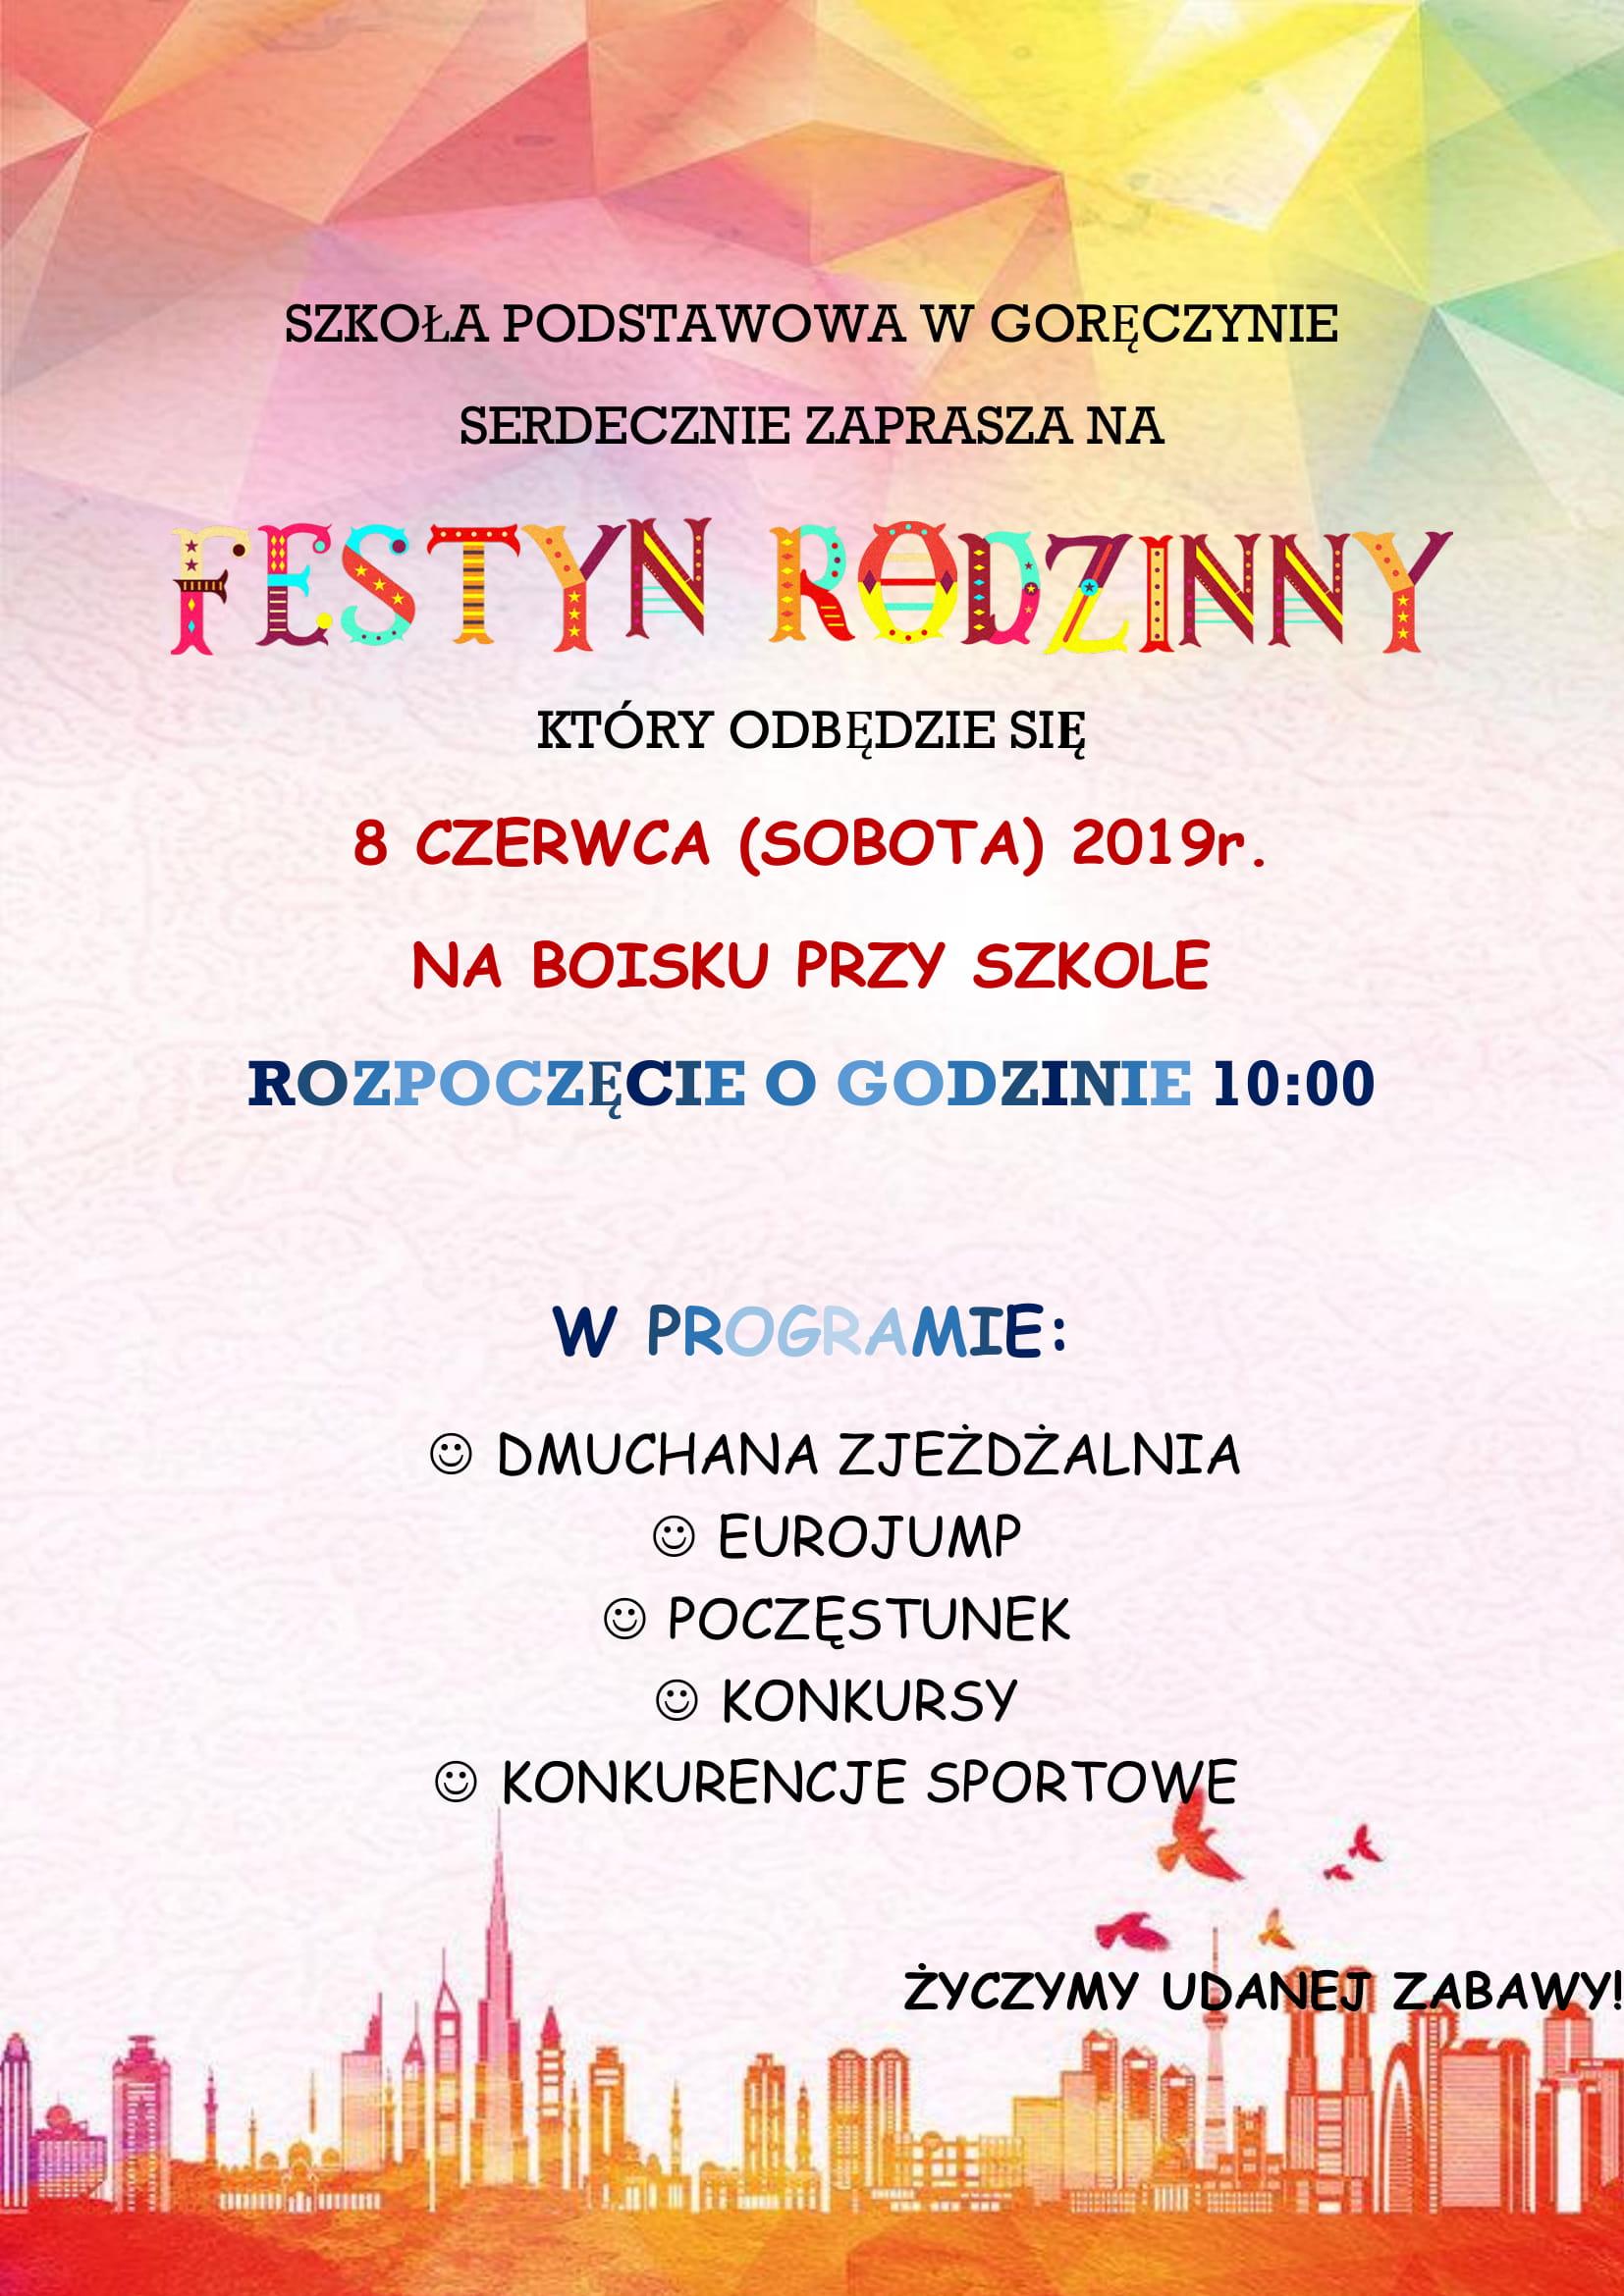 Festyn Rodzinny w Goręczynie – Kartuzy.info